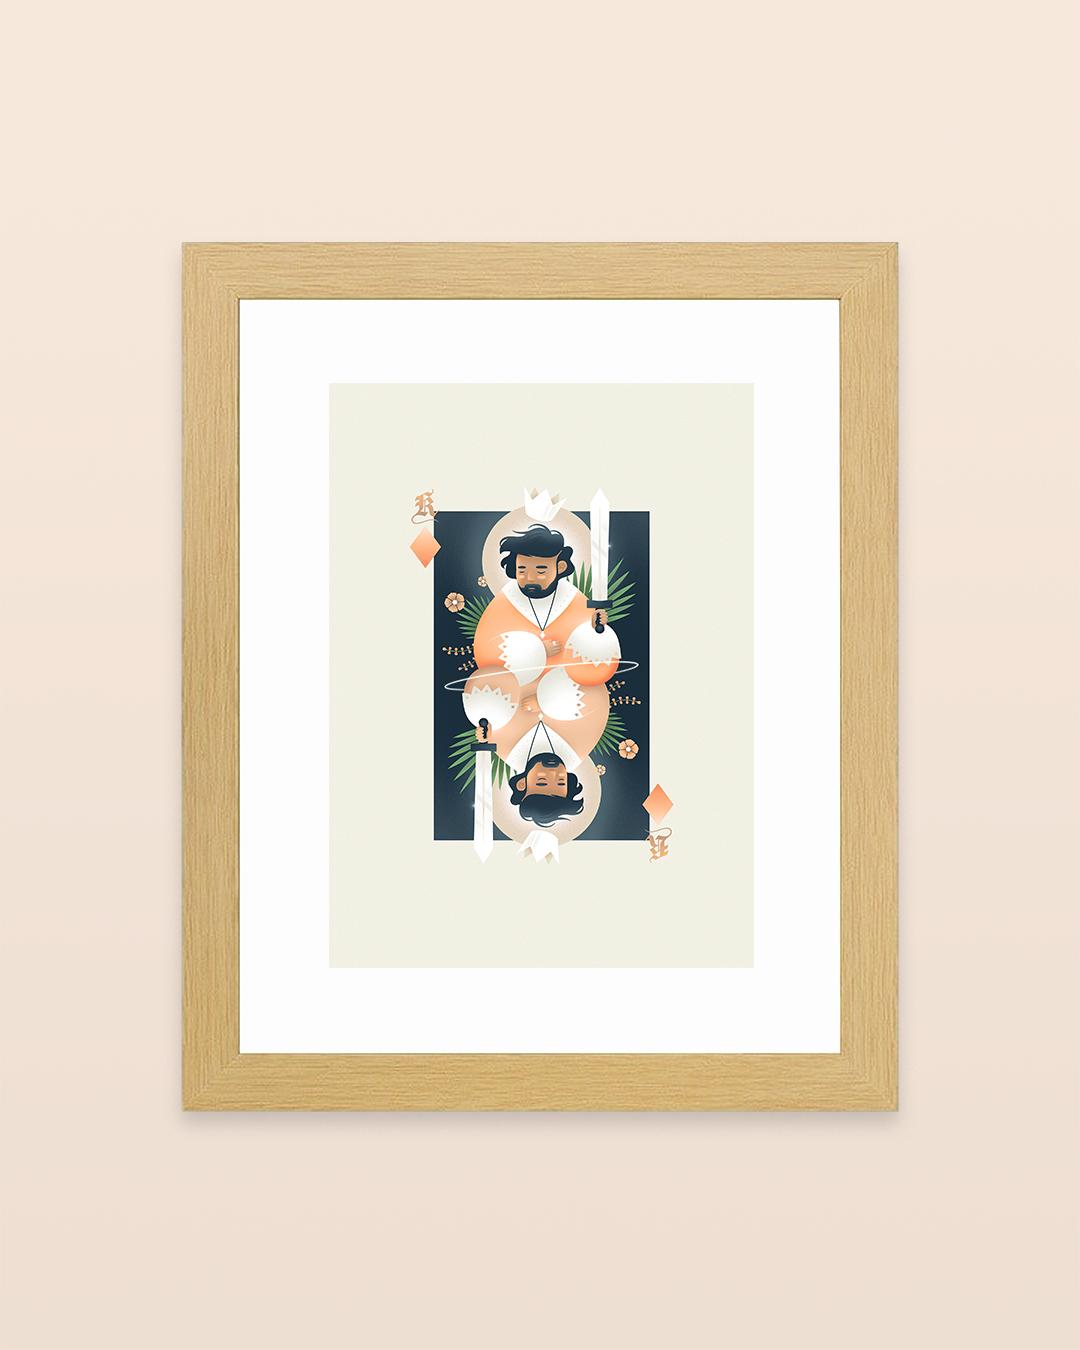 king-framed.png